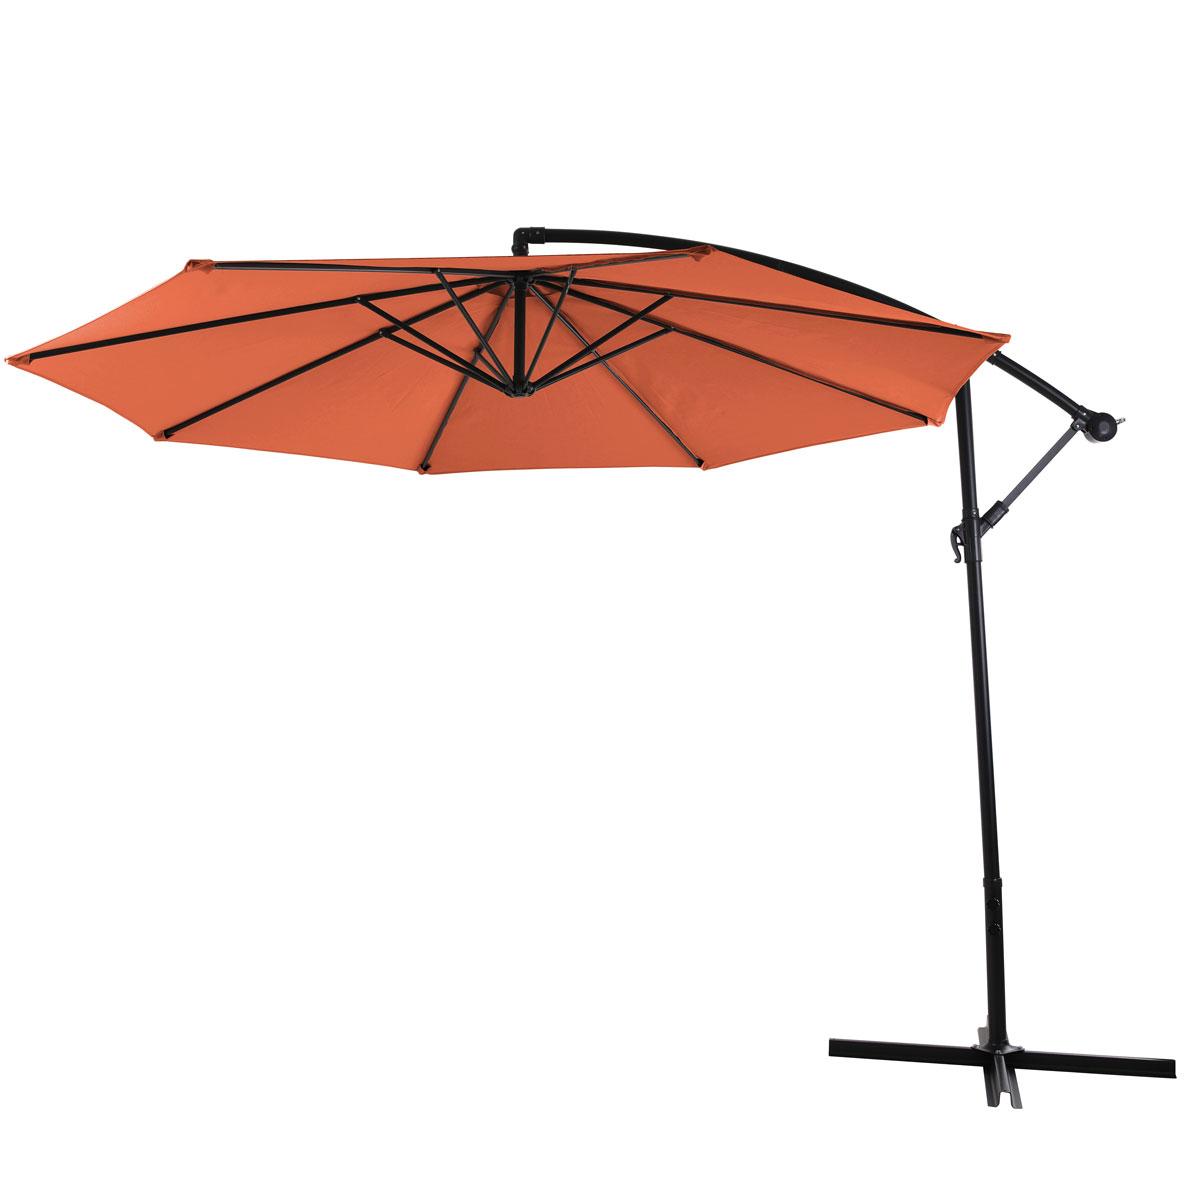 98521 SVITA Sonnenschirm 3m Ampelschirm mit Sonnenschutz UV50+ Matt Orange